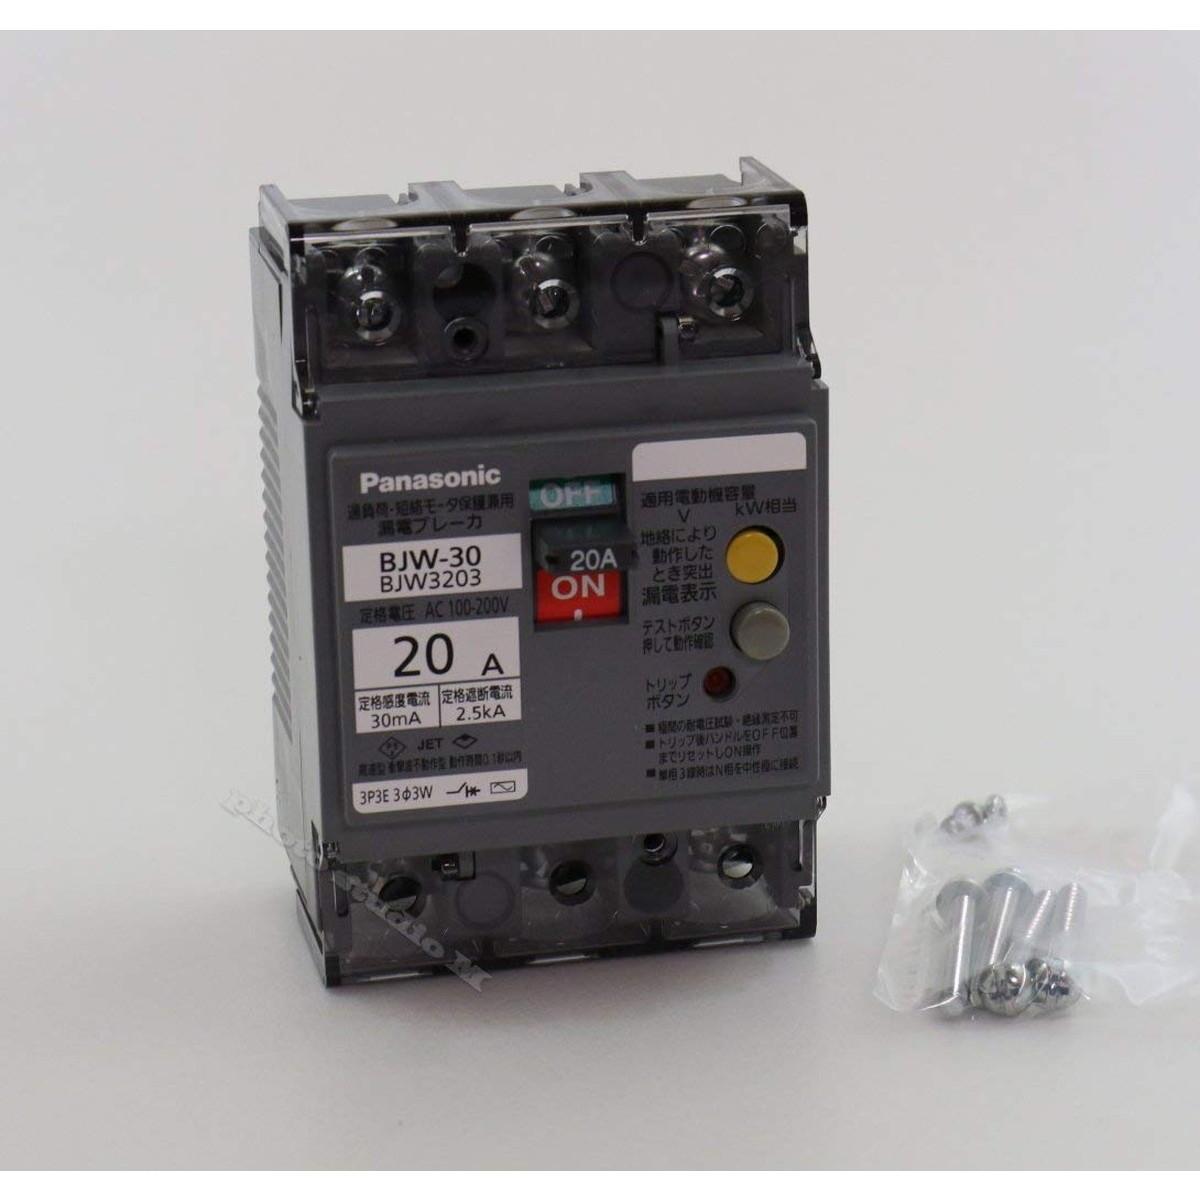 パナソニック(Panasonic) 漏電ブレーカ BJW型 O.C付(モータ保護兼用) BJW3203【クーポン配布中】